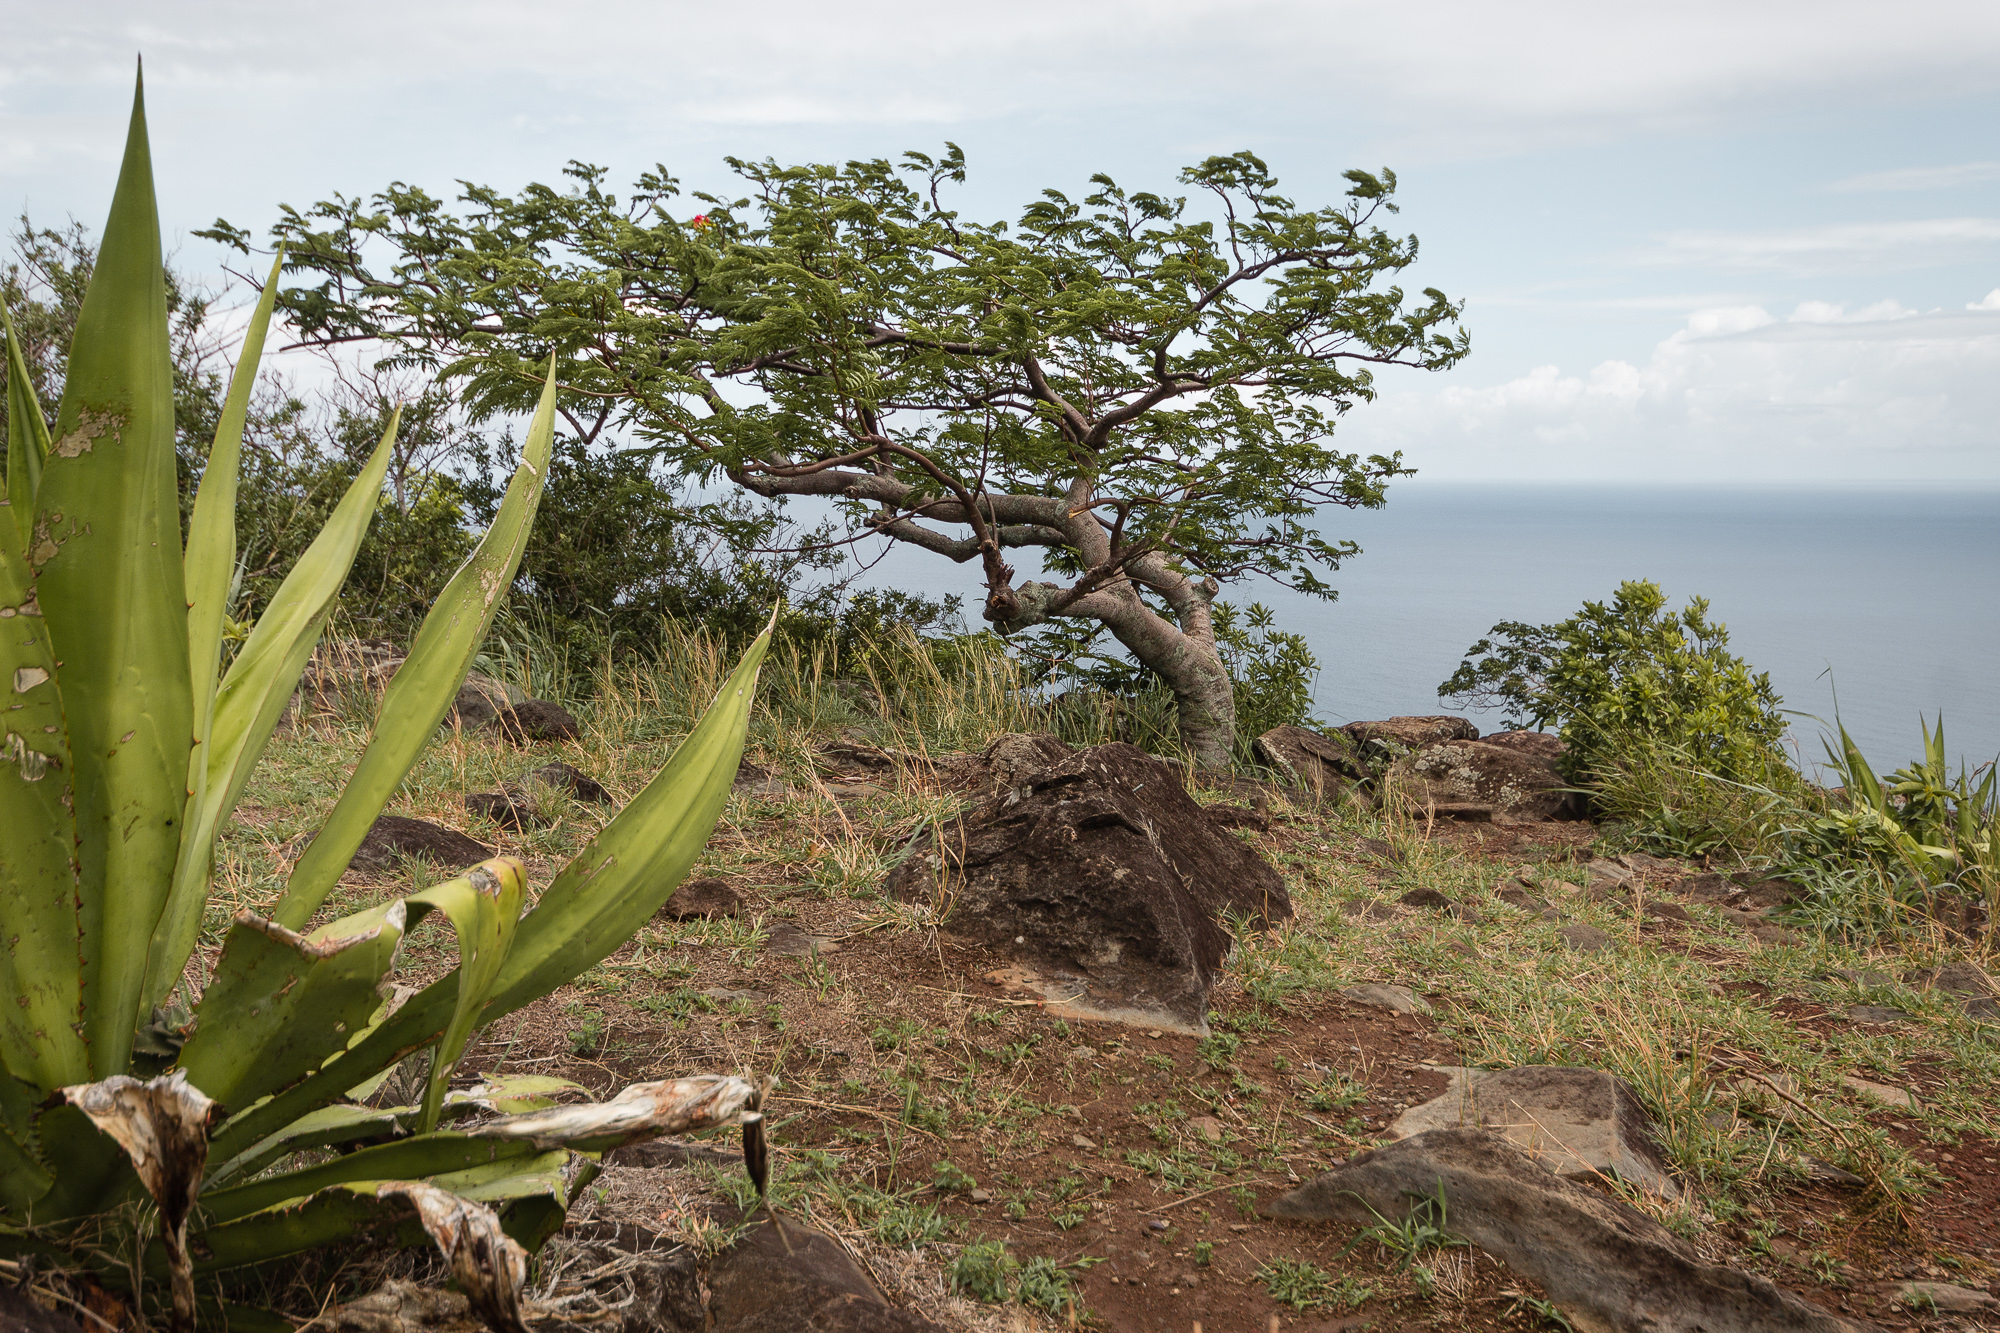 arbre modelé par le vent